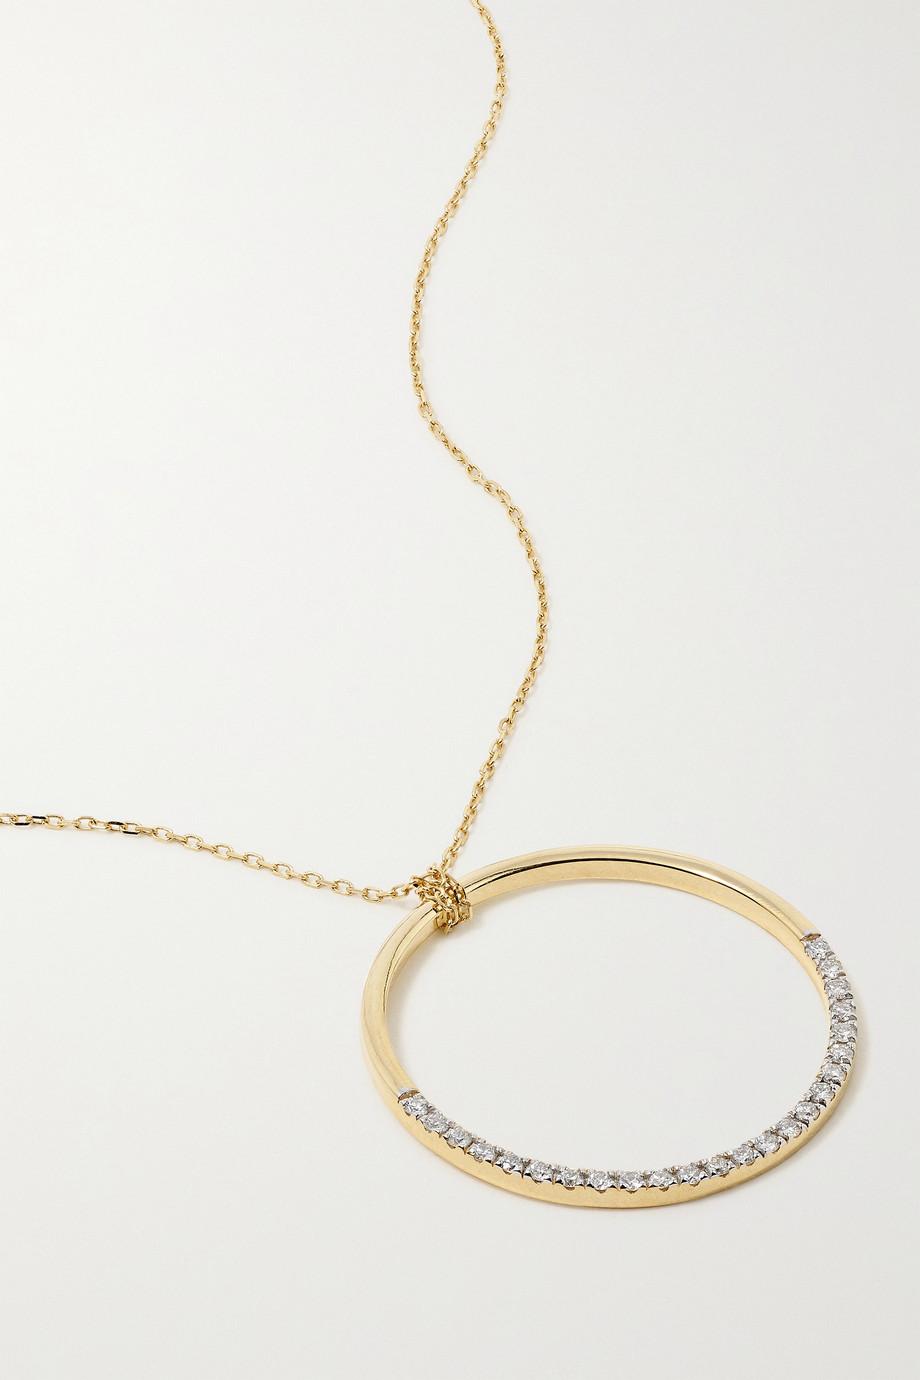 Mateo Half Moon Kette aus 14 Karat Gold mit Diamanten